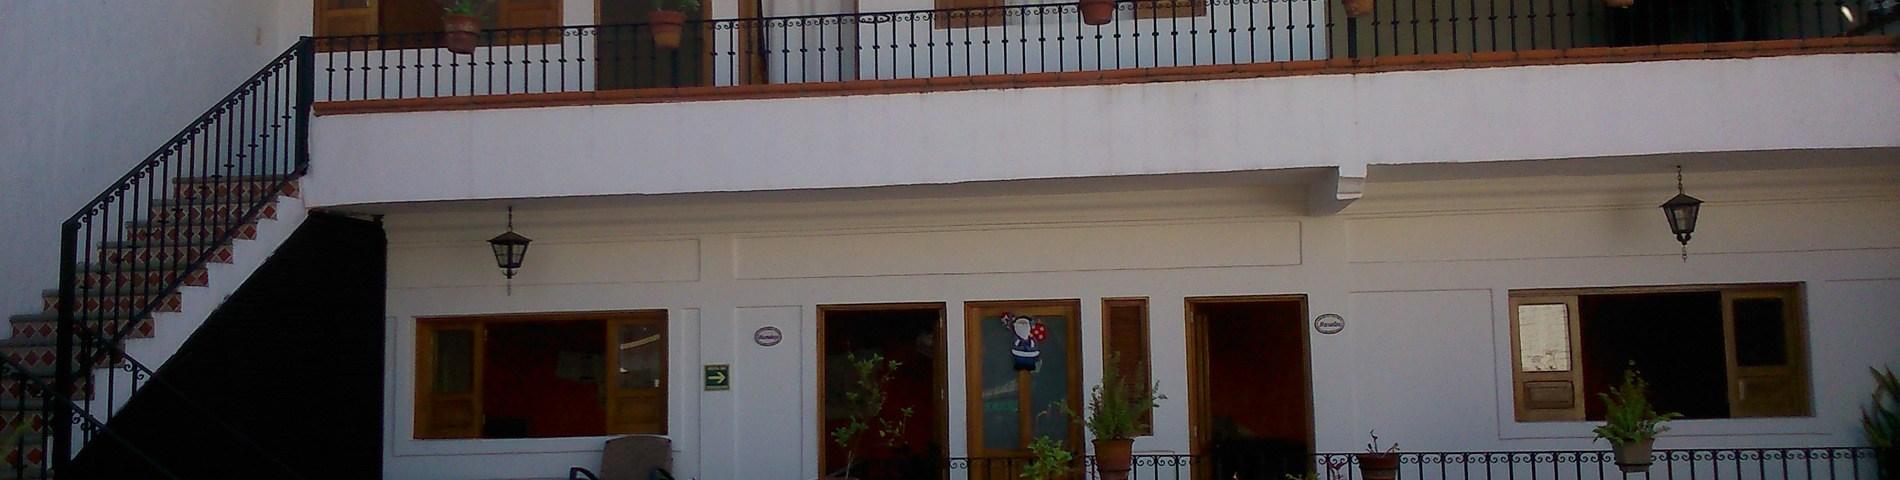 Spanish Experience Center kuva 1